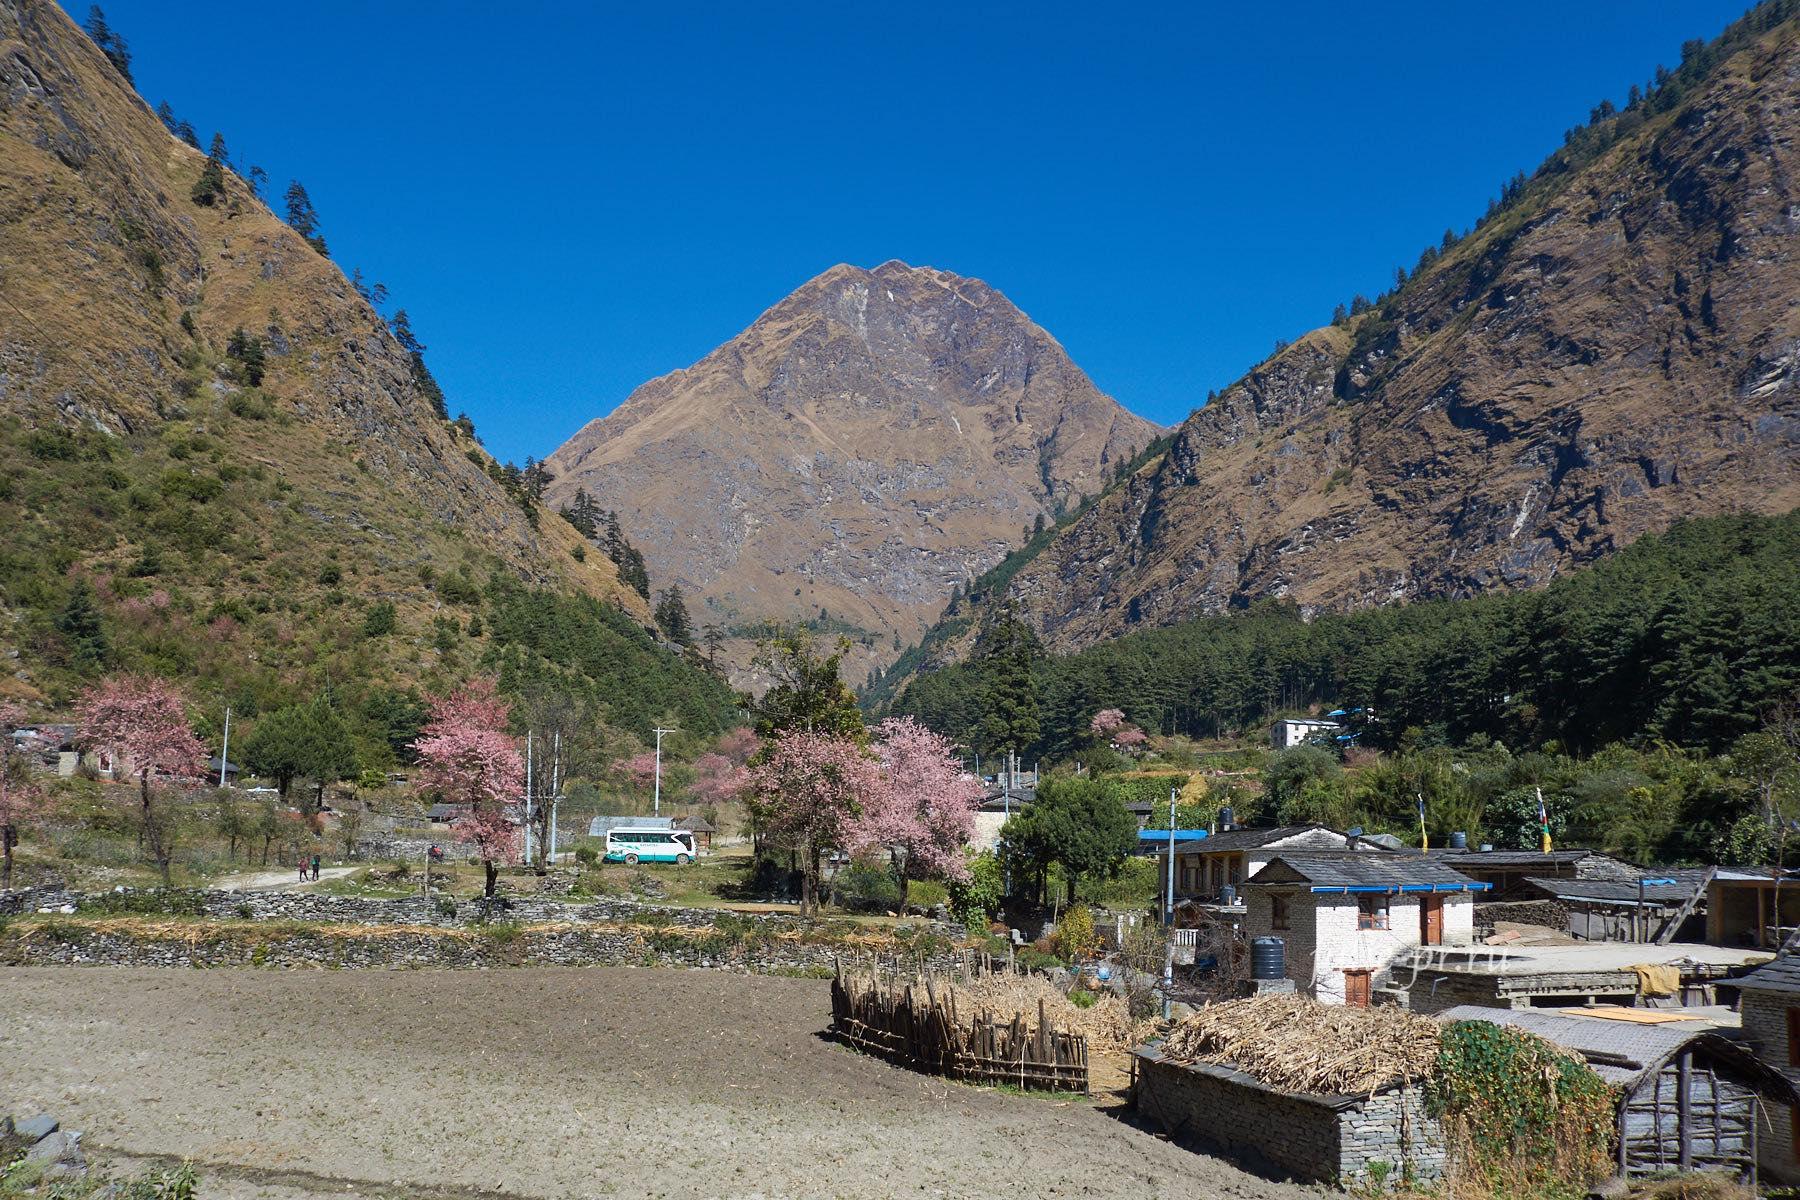 Непал, Трек вокруг Аннапурны, Гхаса